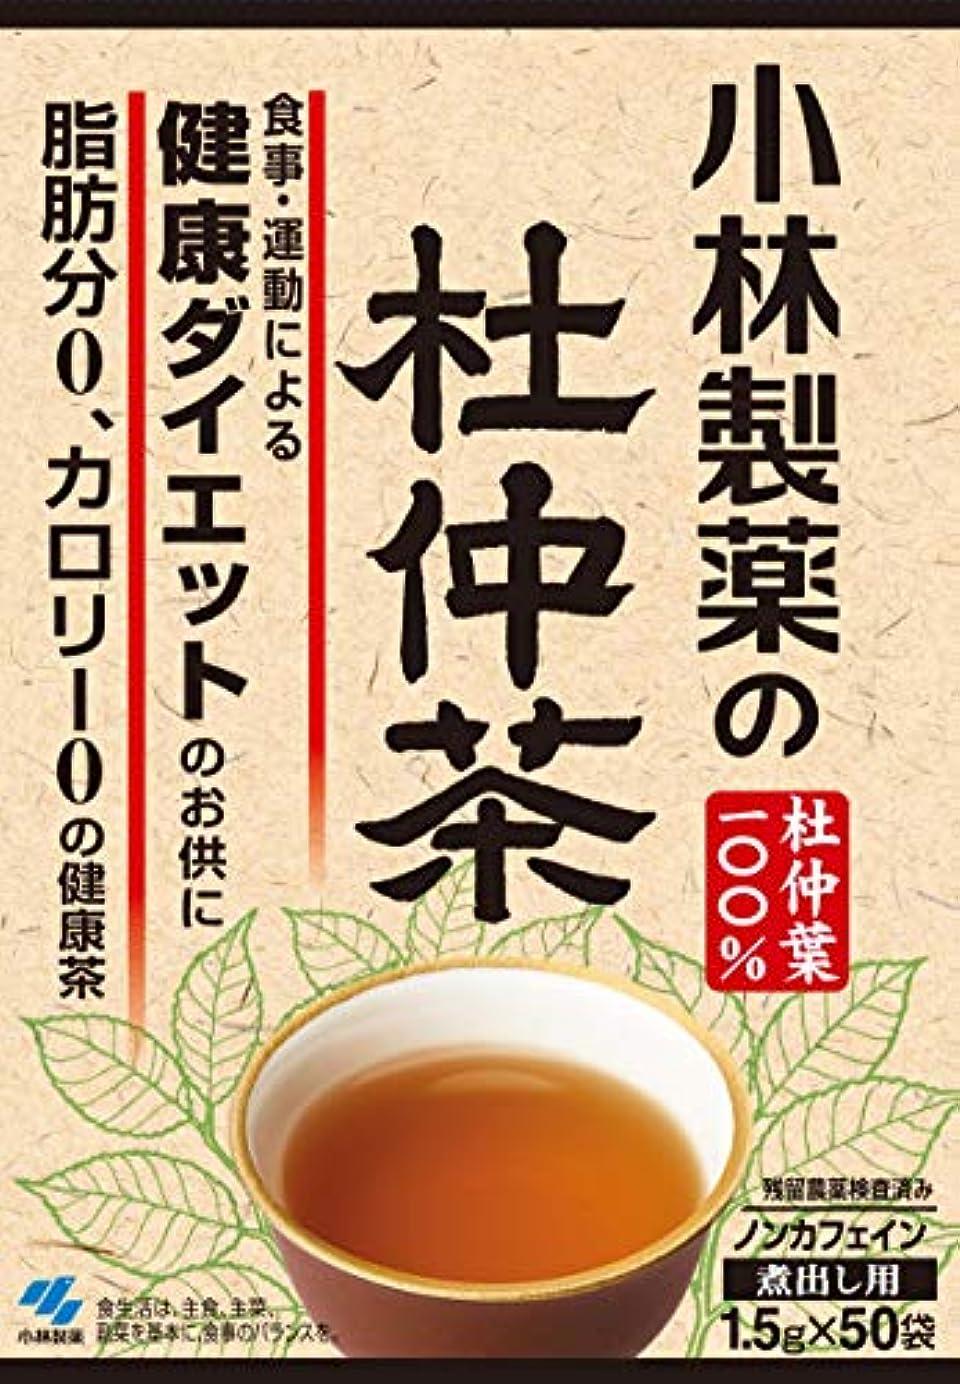 問い合わせ奇跡的な飾り羽小林製薬の杜仲茶 1.5g×50袋